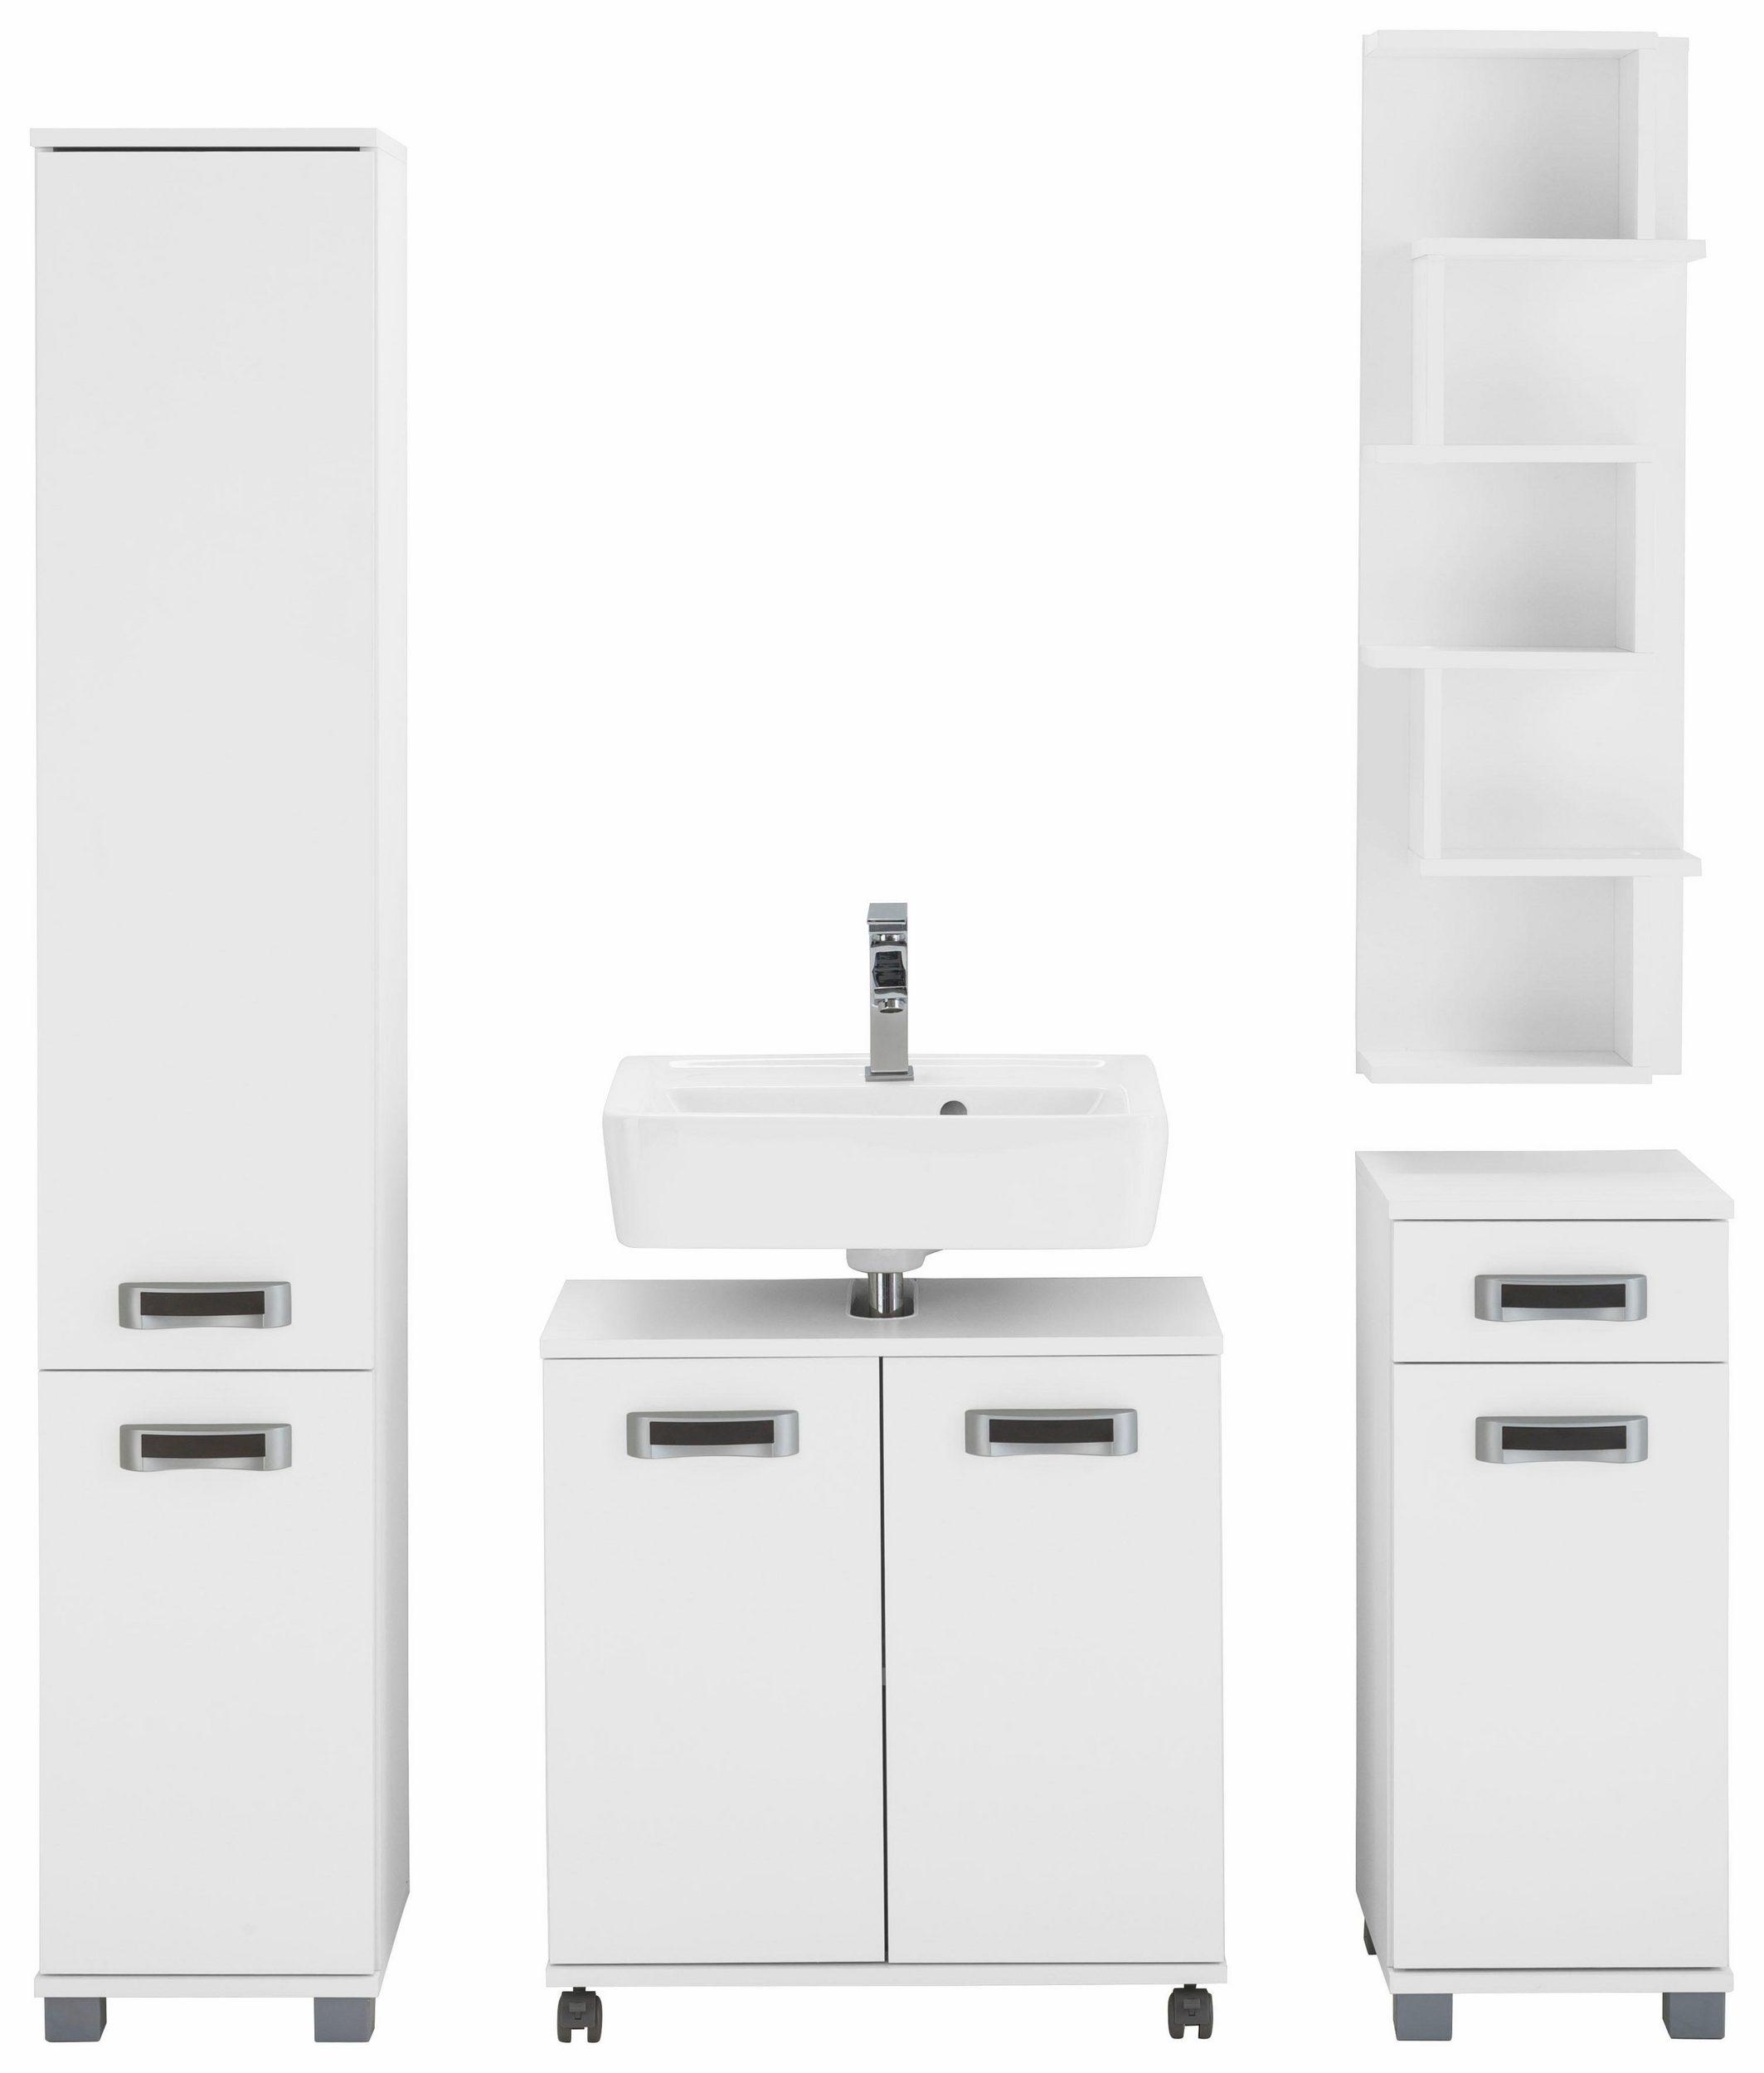 36 sparen badm bel set kos 4 teilig ab 149 99 cherry m bel otto. Black Bedroom Furniture Sets. Home Design Ideas